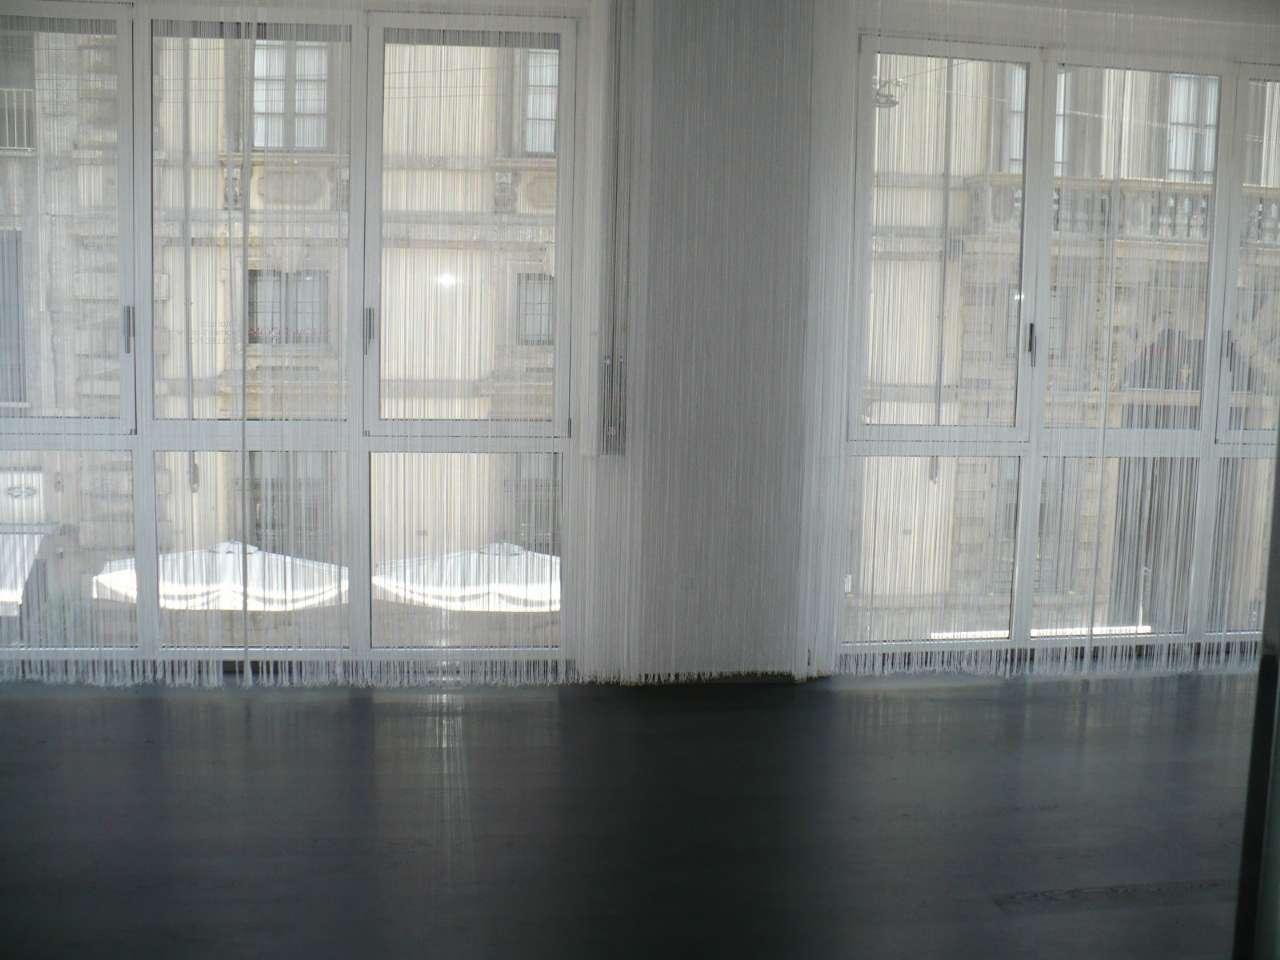 Affitto Piccolo Ufficio Milano : Uffici studi in affitto a milano trovocasa